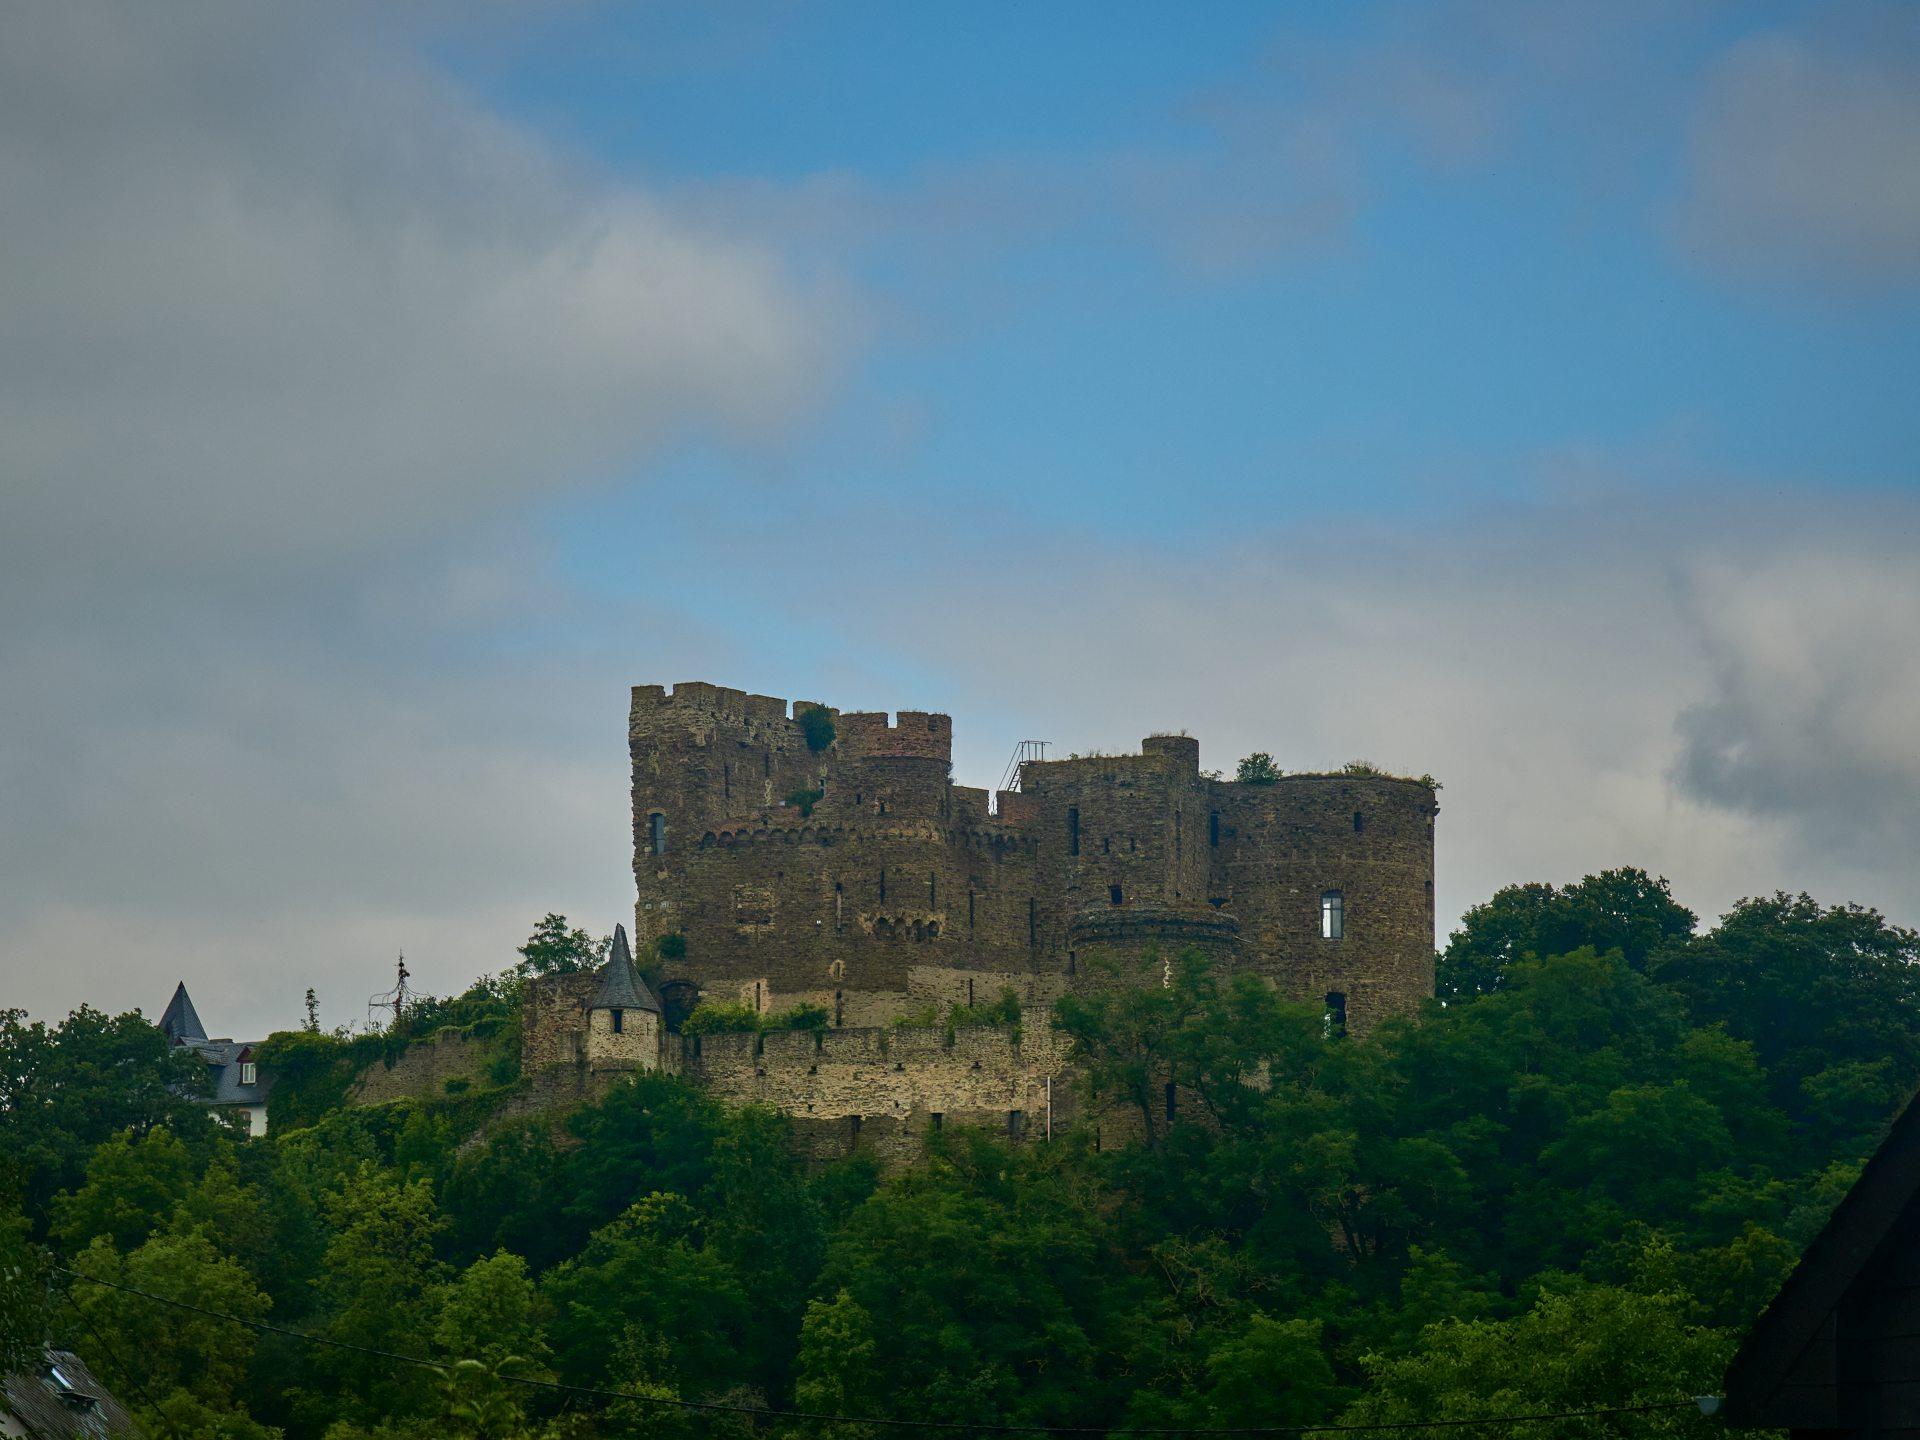 Erster kleiner Fotostopp war bei der Burg Reichenberg. Sie ist in Privatbesitz und kann nicht besichtigt werden - aber auf dem Weg zum Dreiburgenblick lohnt sich ein kurzer Halt allemal